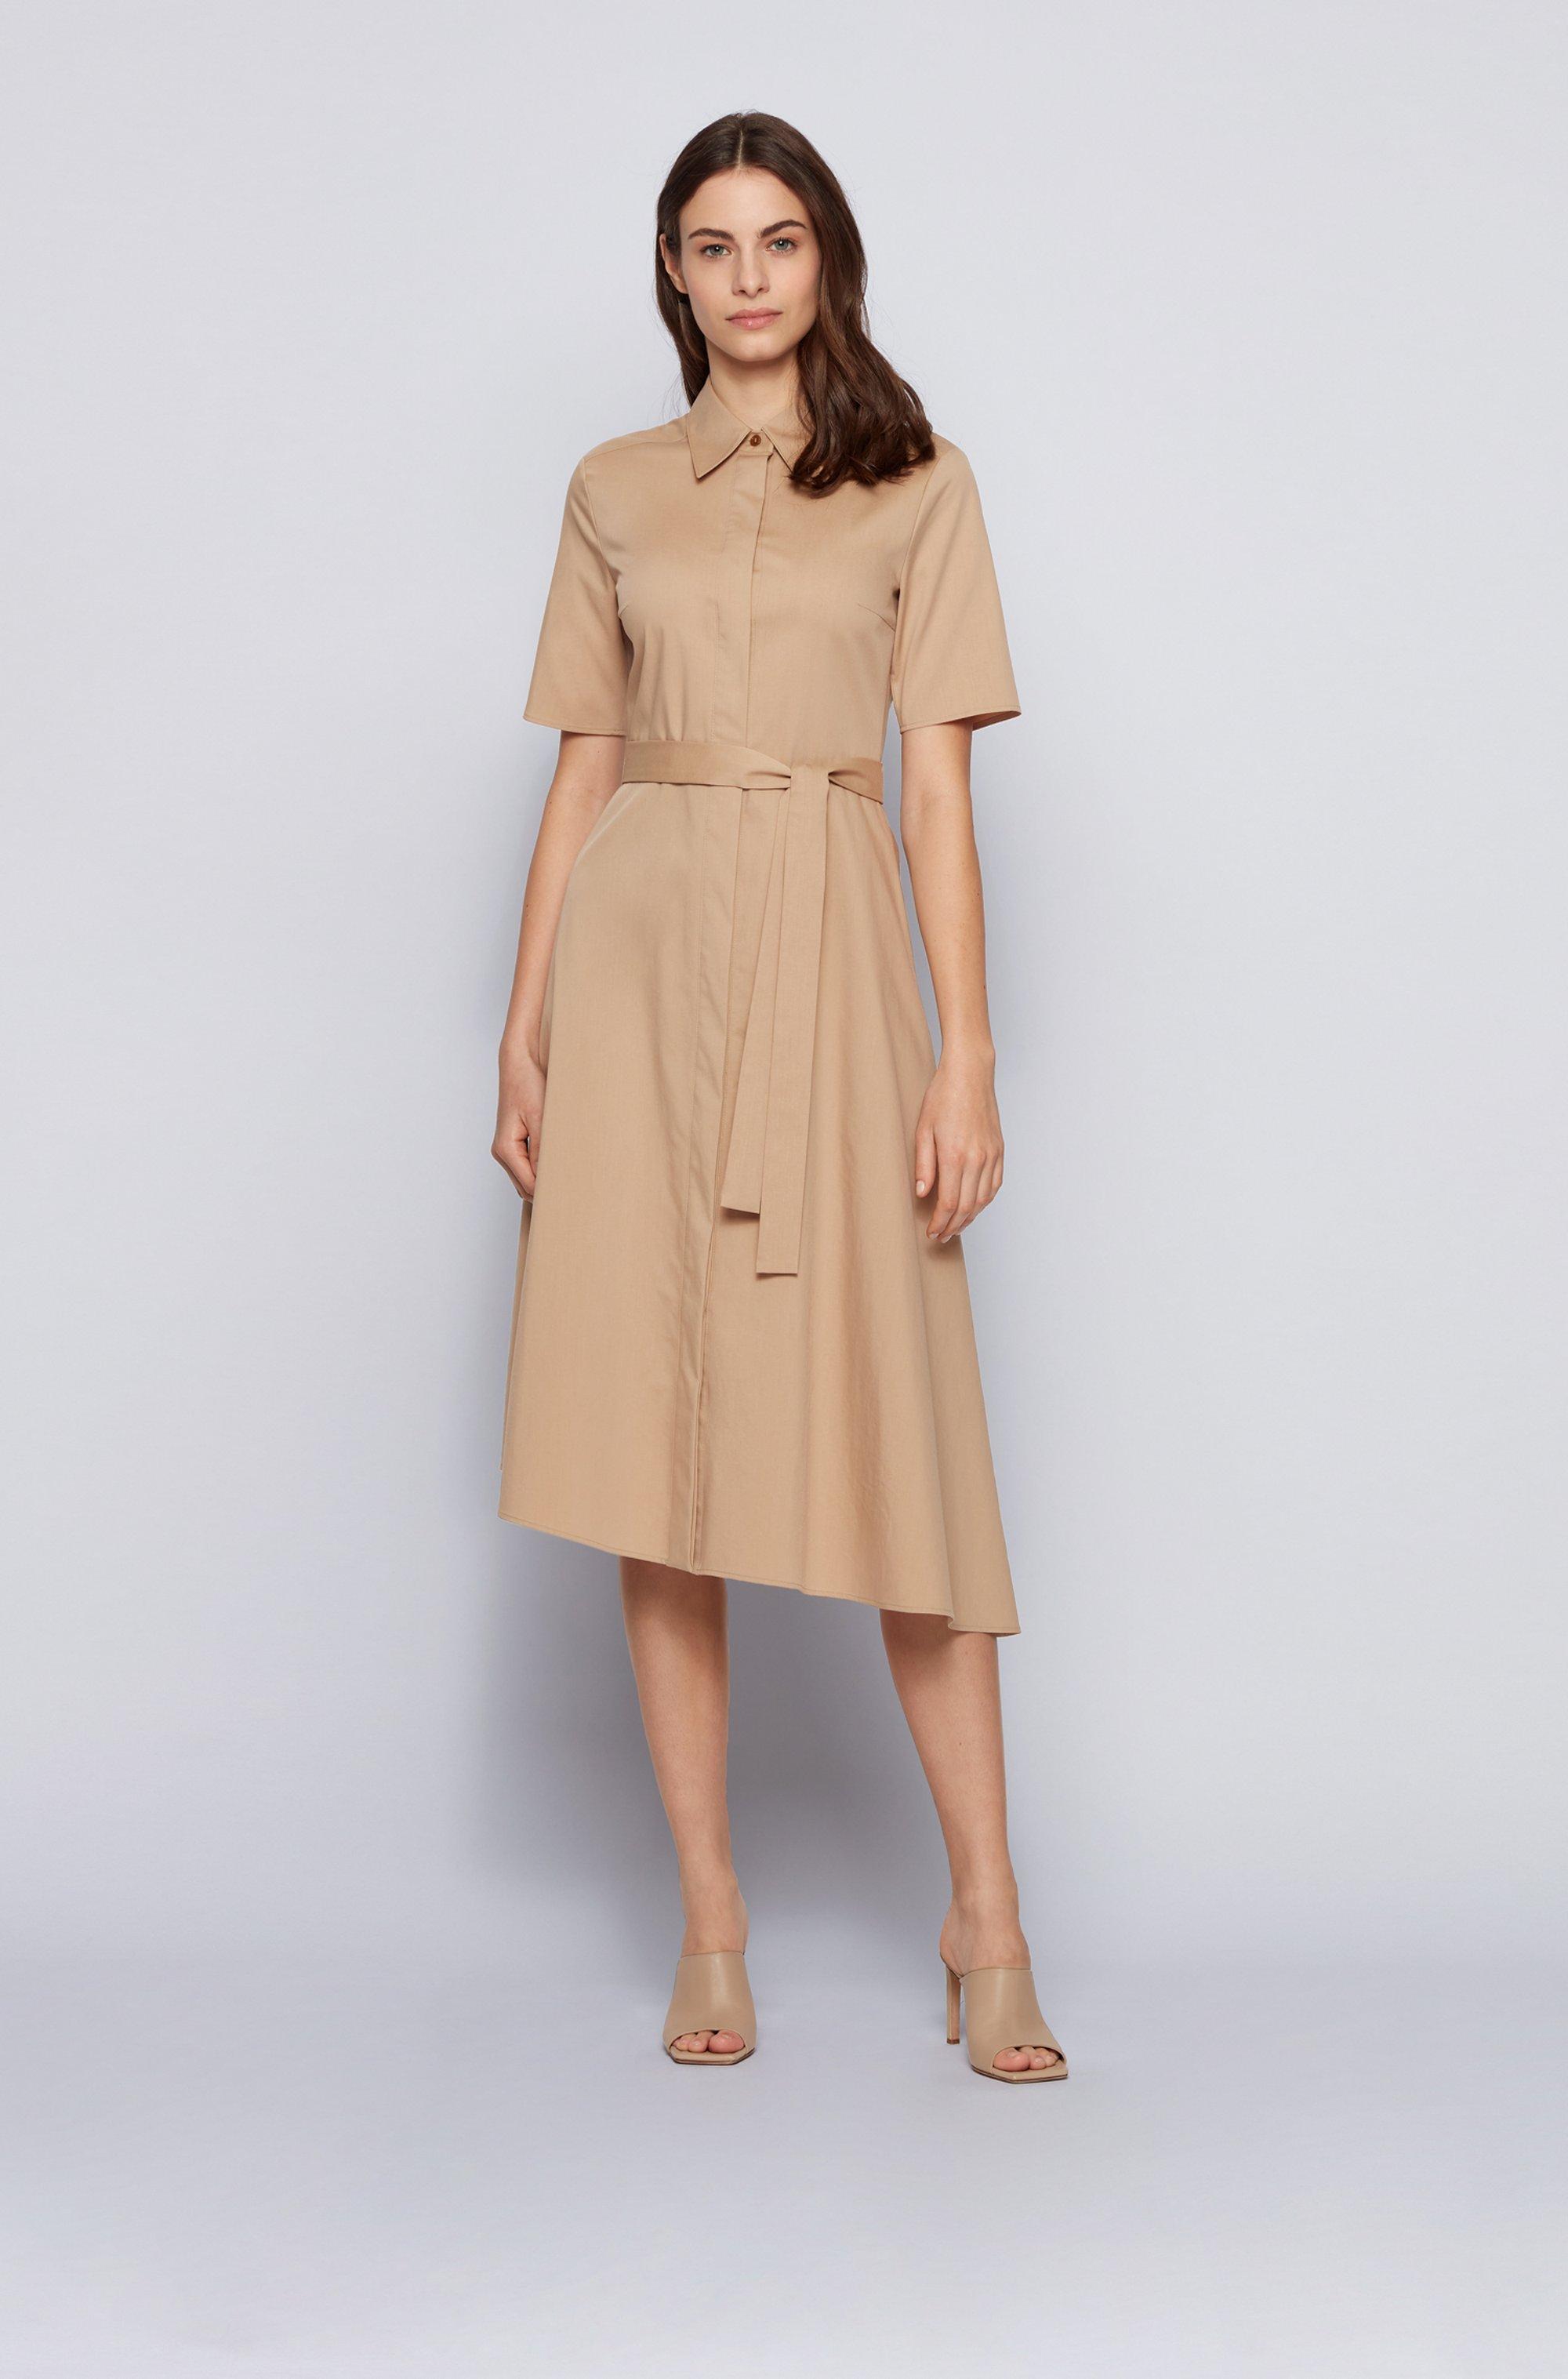 Robe-chemise en tissu stretch, à ceinture et base asymétrique